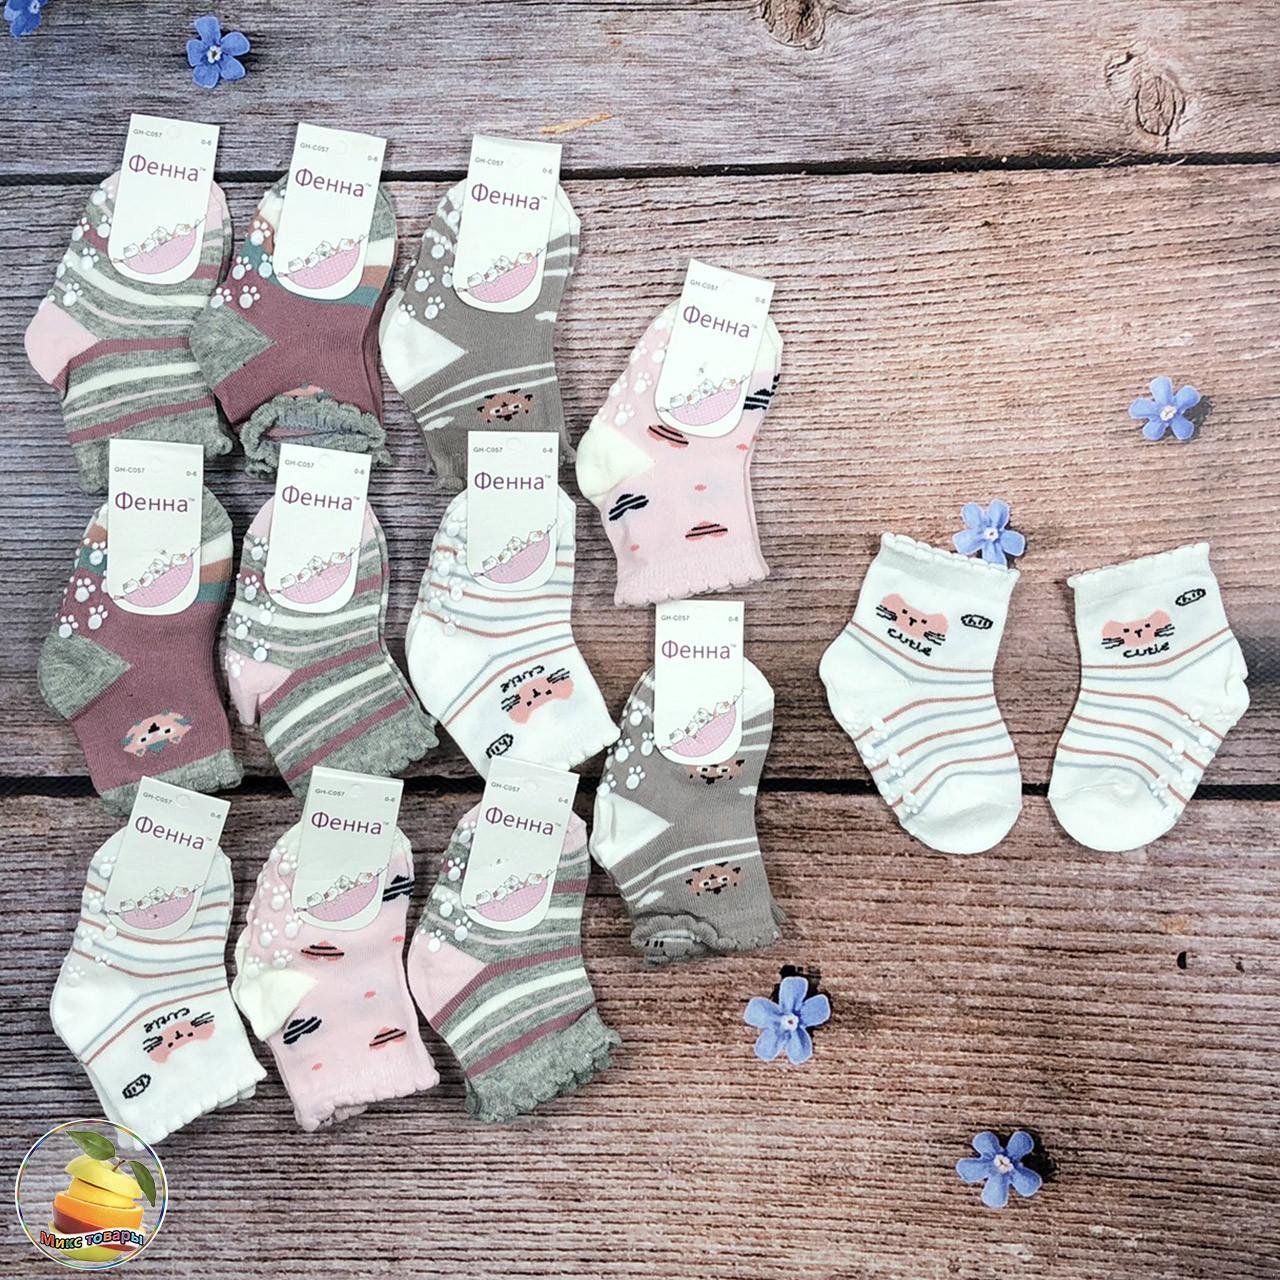 Шкарпетки з гальмами для маленької дівчинки Розмір: 0-6 місяців (20210)